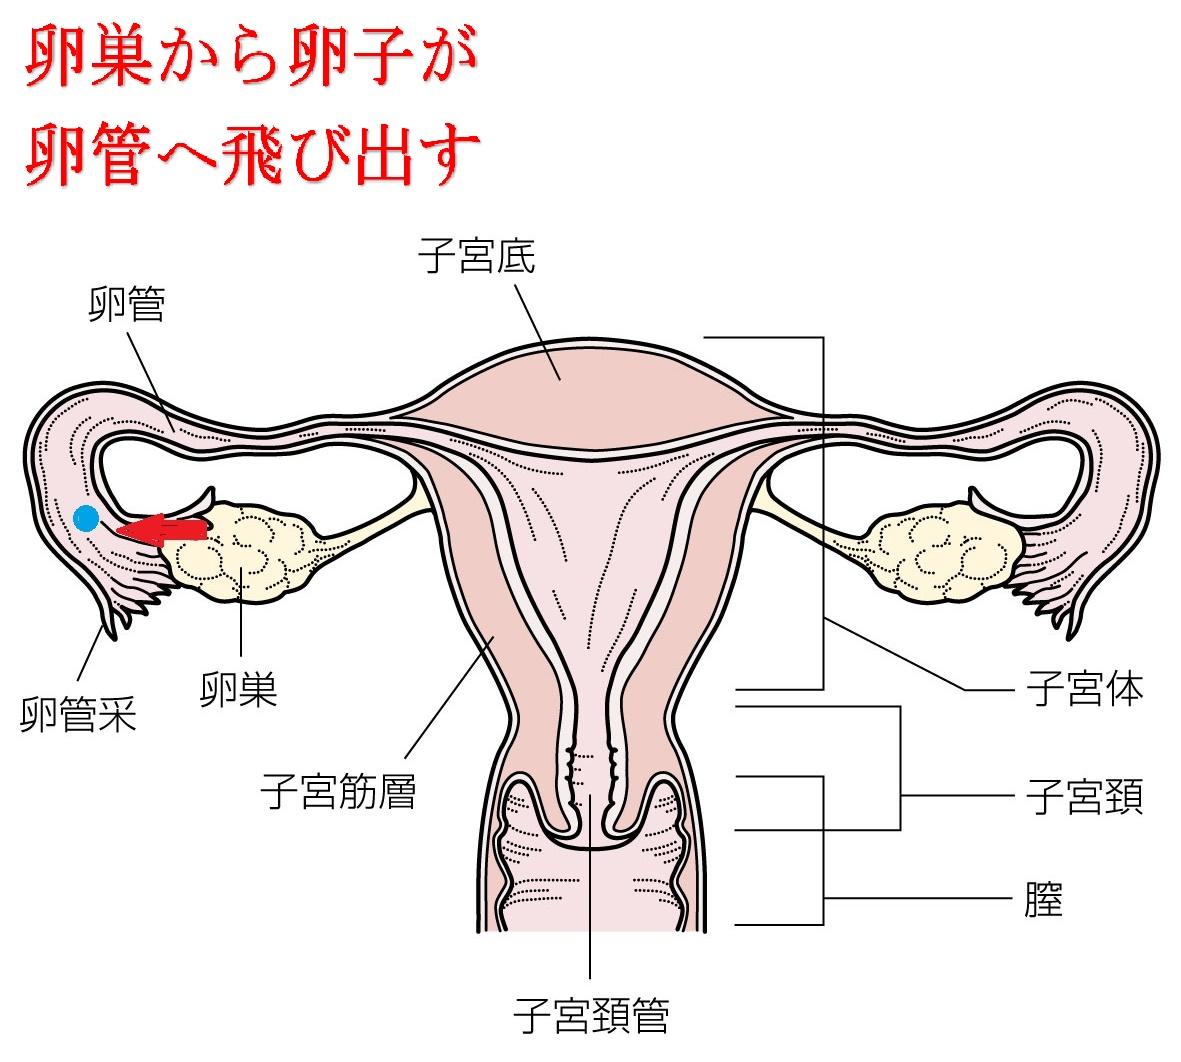 激痛 排卵 痛